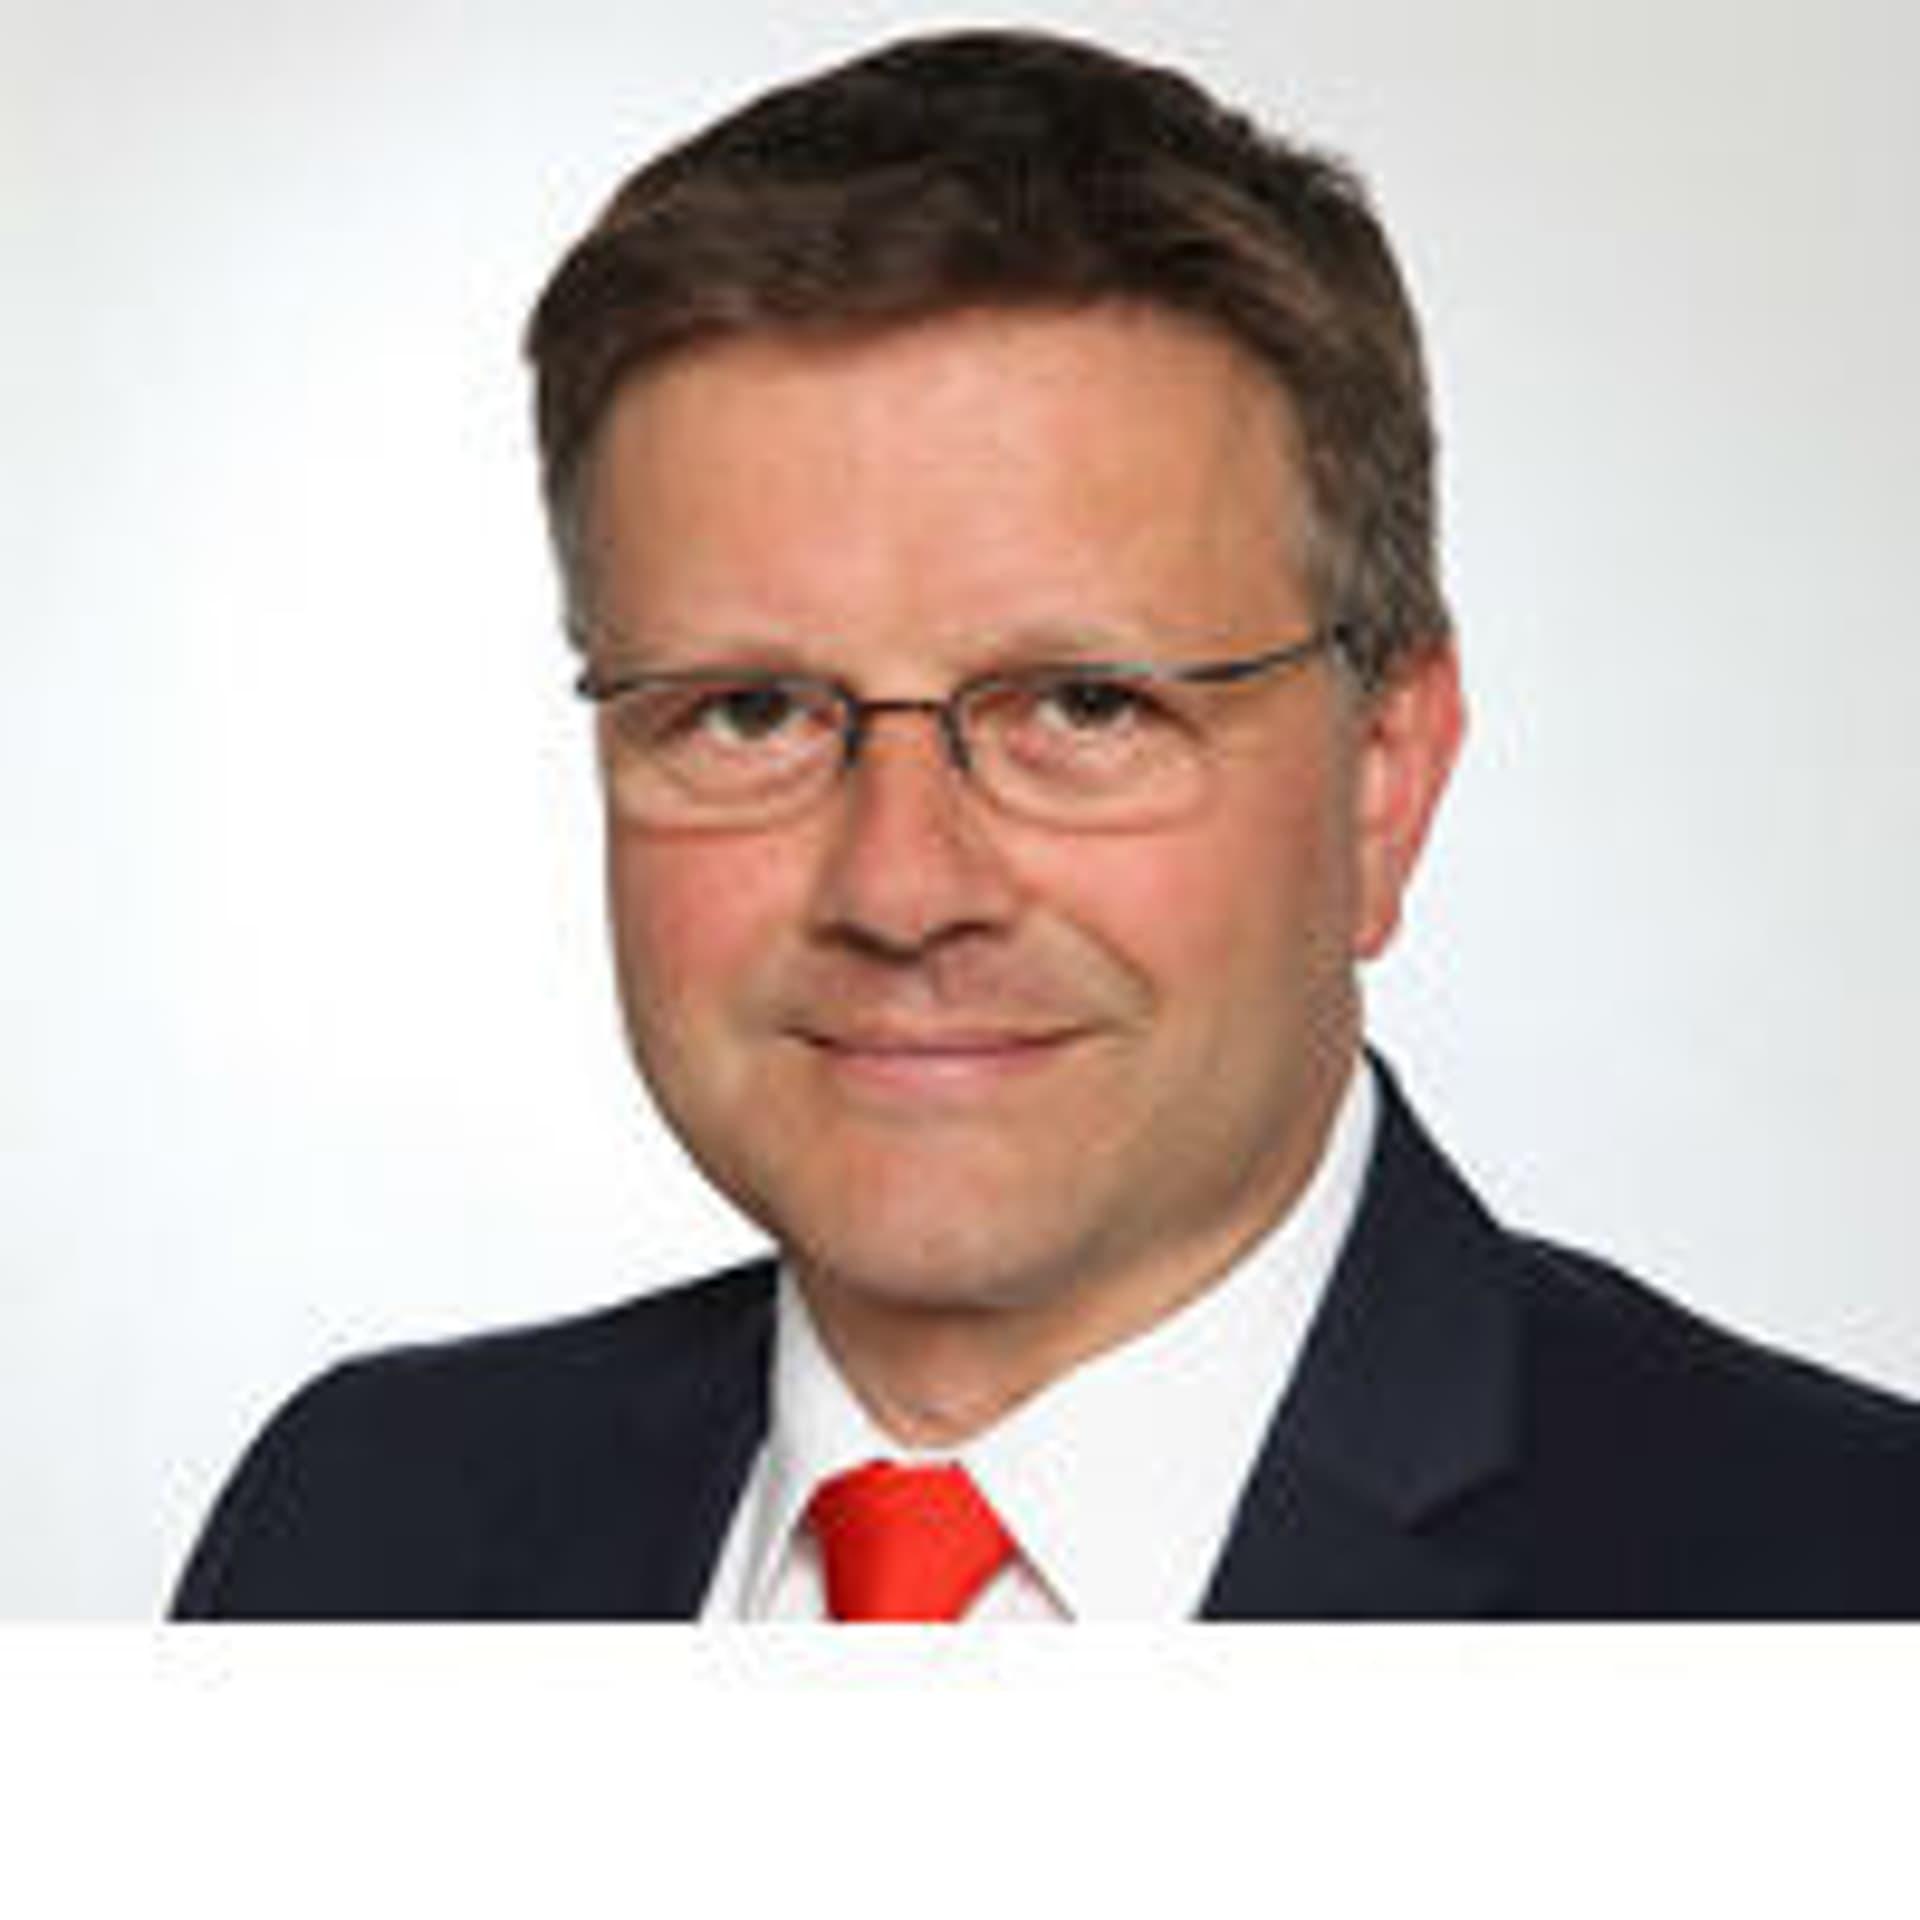 Stefan Zwoll DLG Berlin